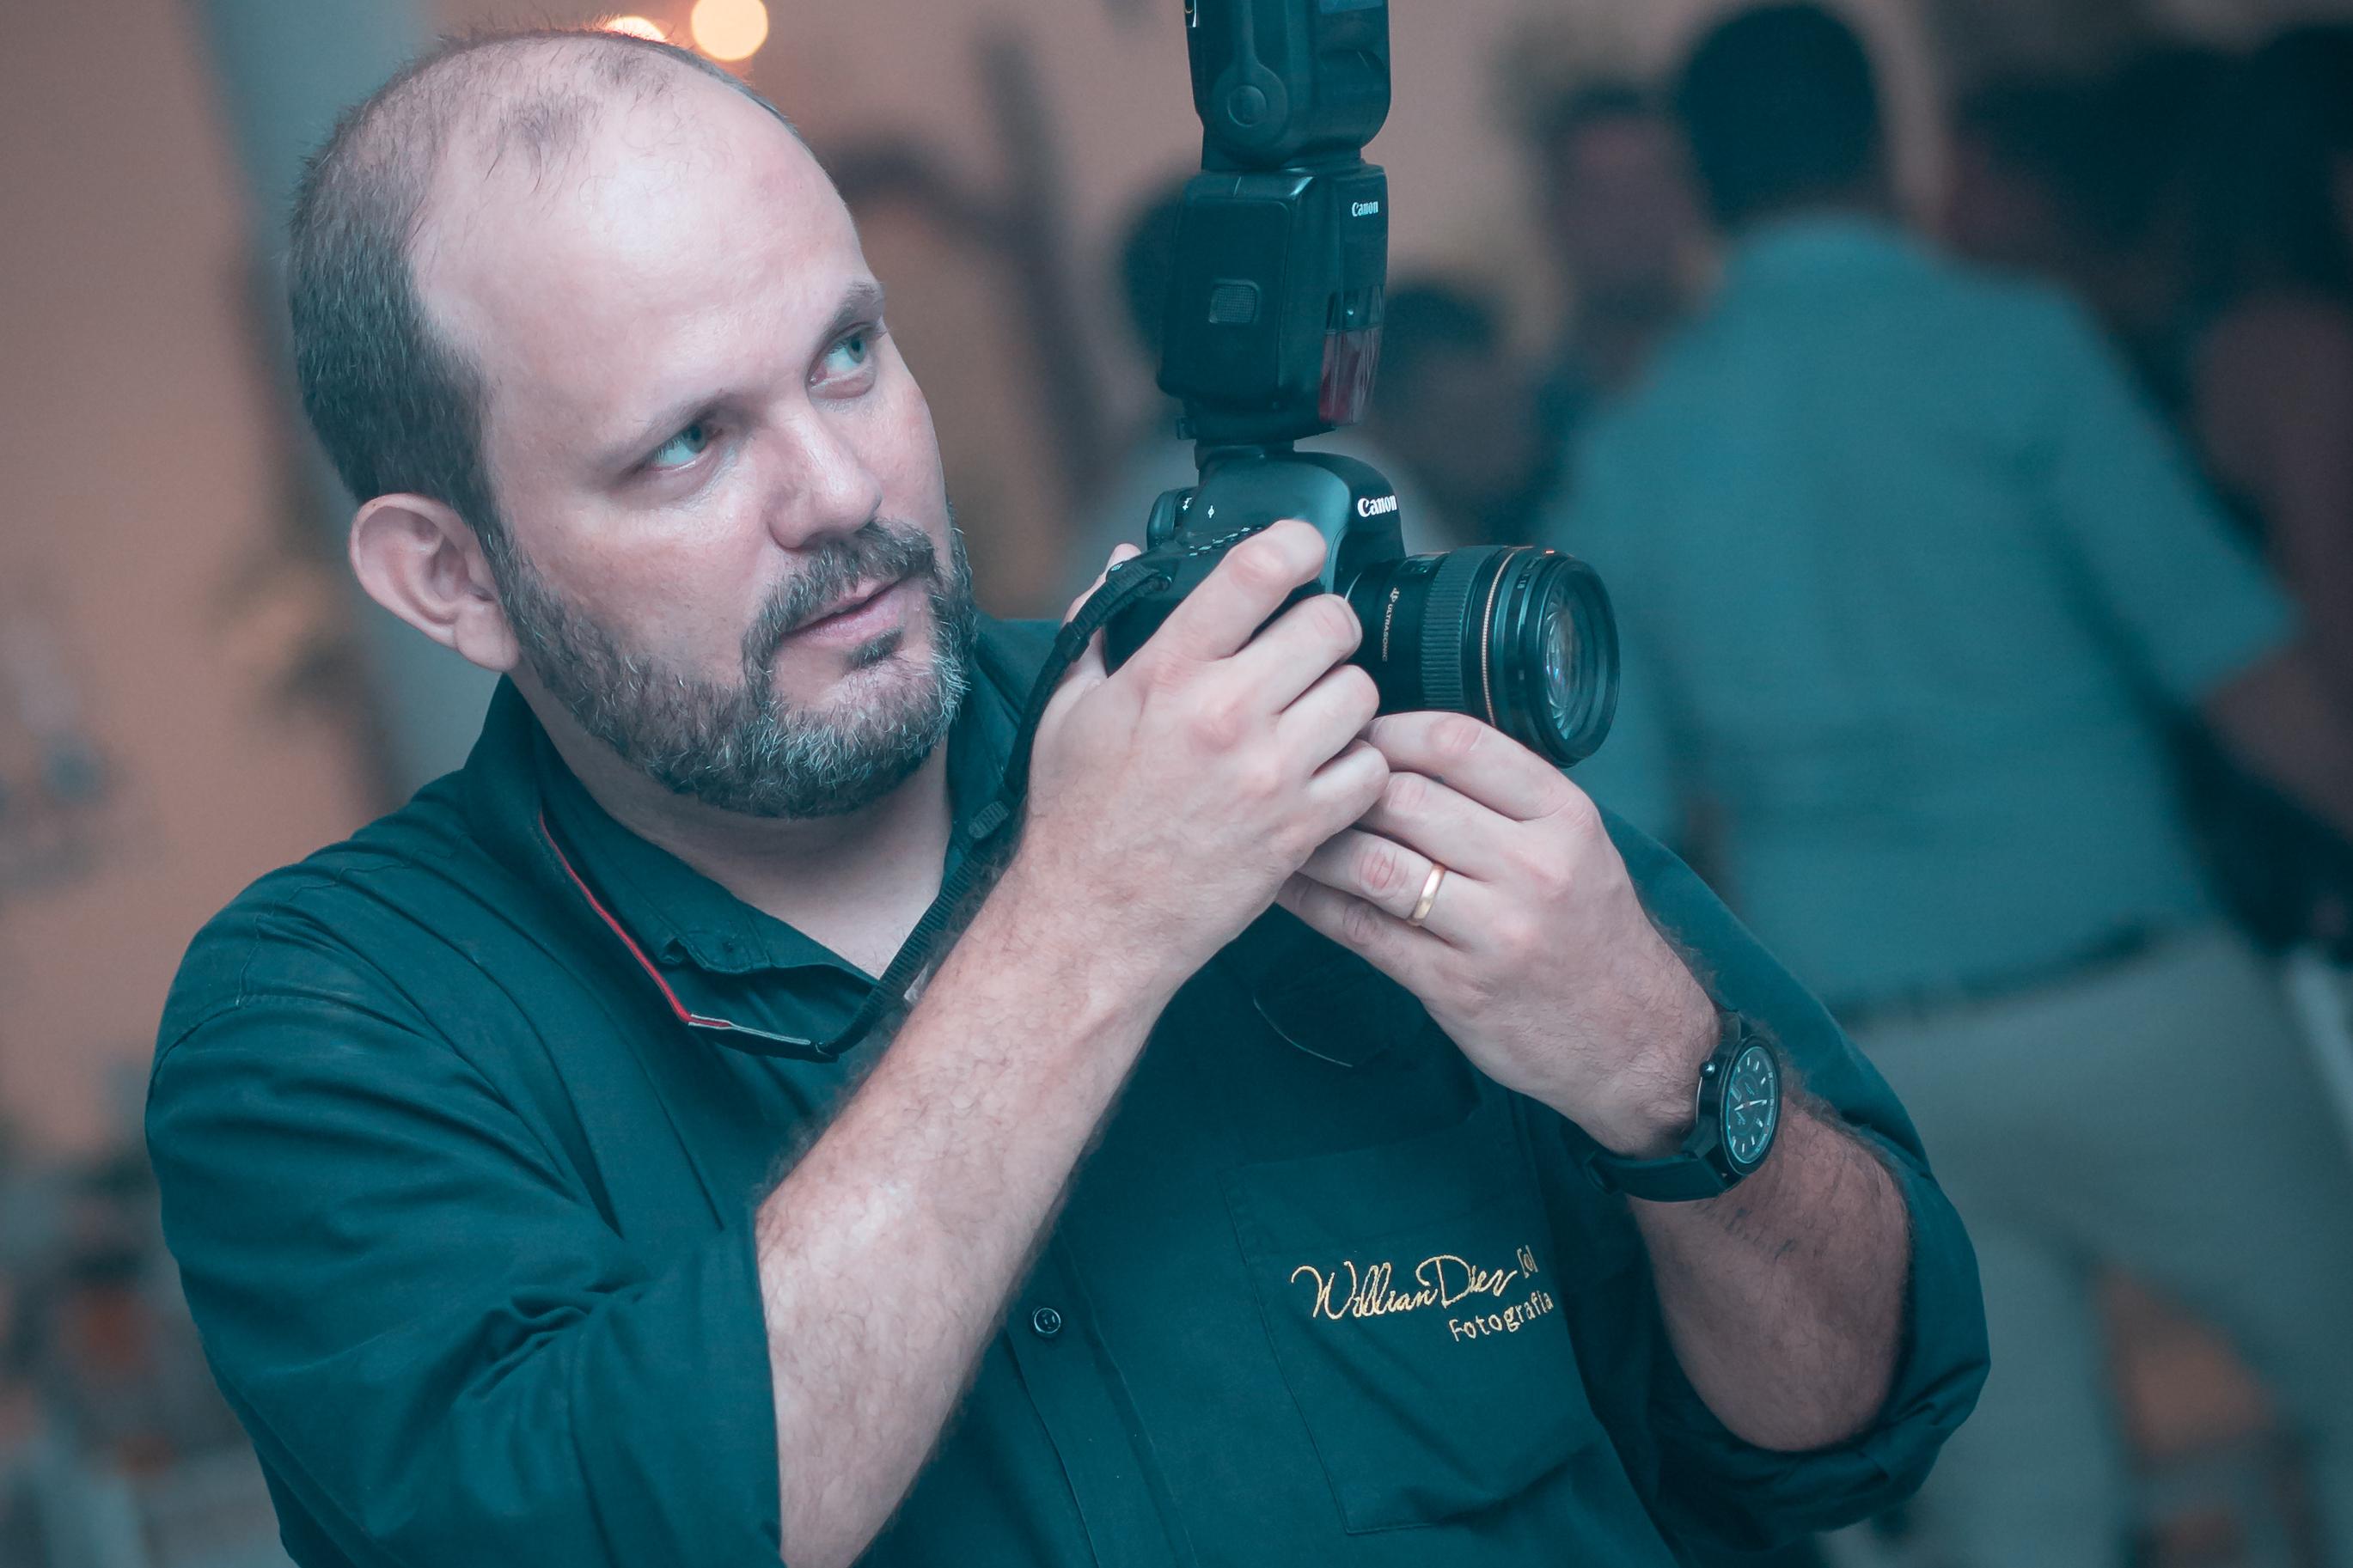 Sobre Willian Diez Fotógrafo de Casamento, Ensaio Gestantes, Aniversario Infantil, 15 Anos, Eventos Sociais, Fotógrafo Publicitário